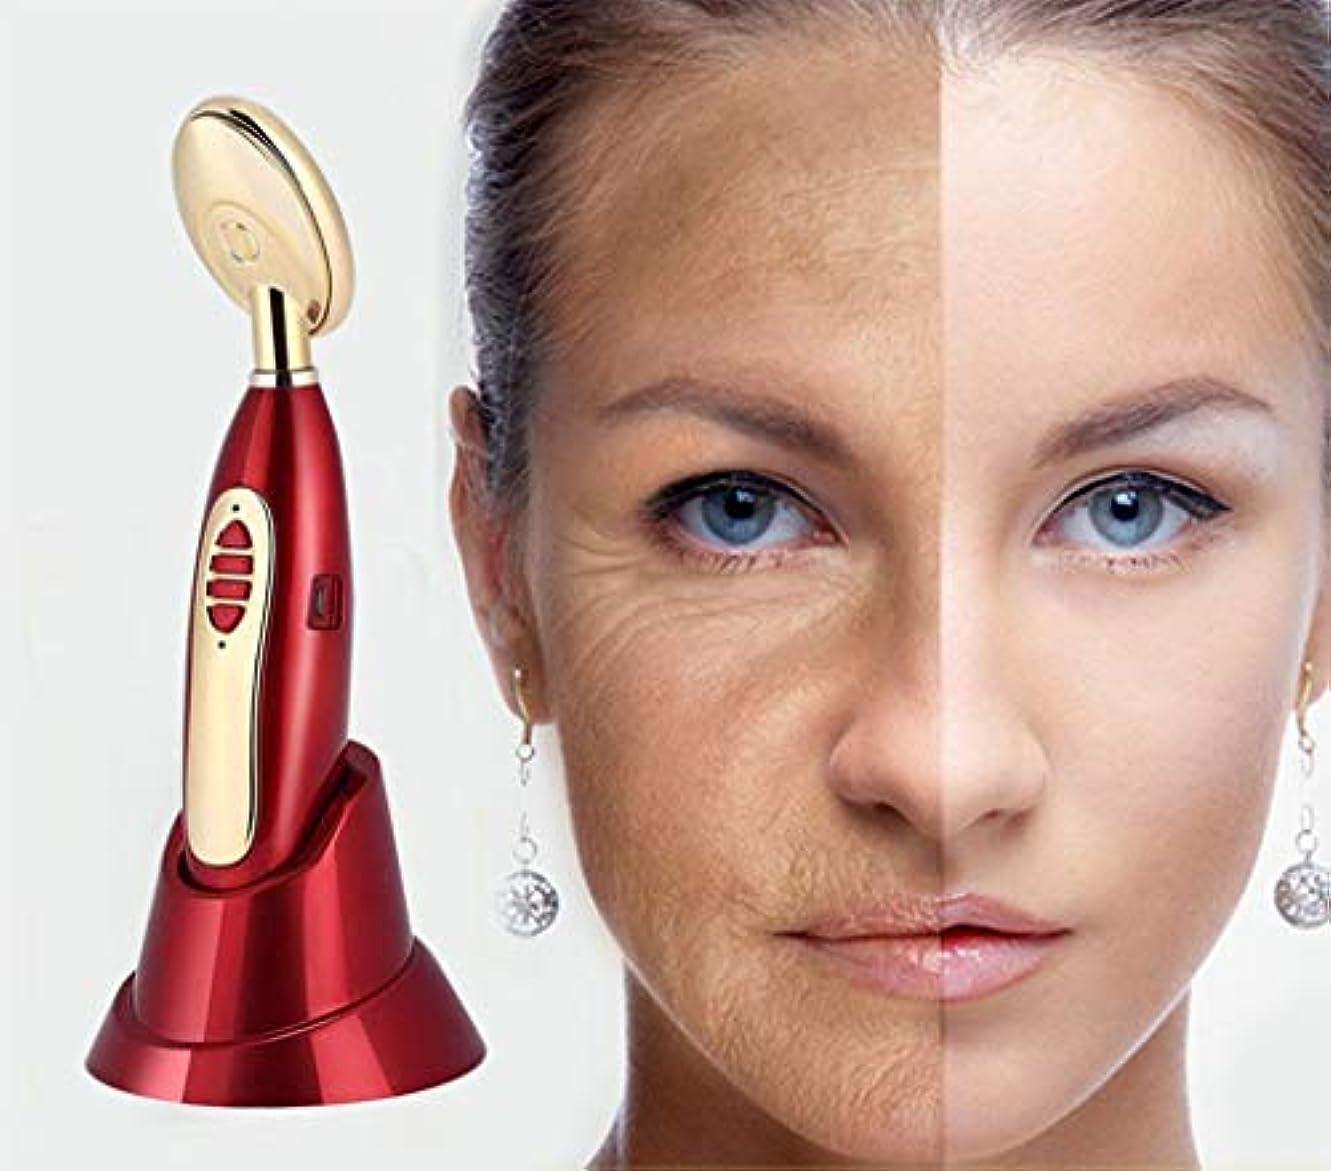 集まる発火するくつろぎ美容機器電気顔と目の皮膚引き締め機負イオンスキンエッセンス振動マッサージ USB しわ除去デバイス美容機器暗い円を削除します。